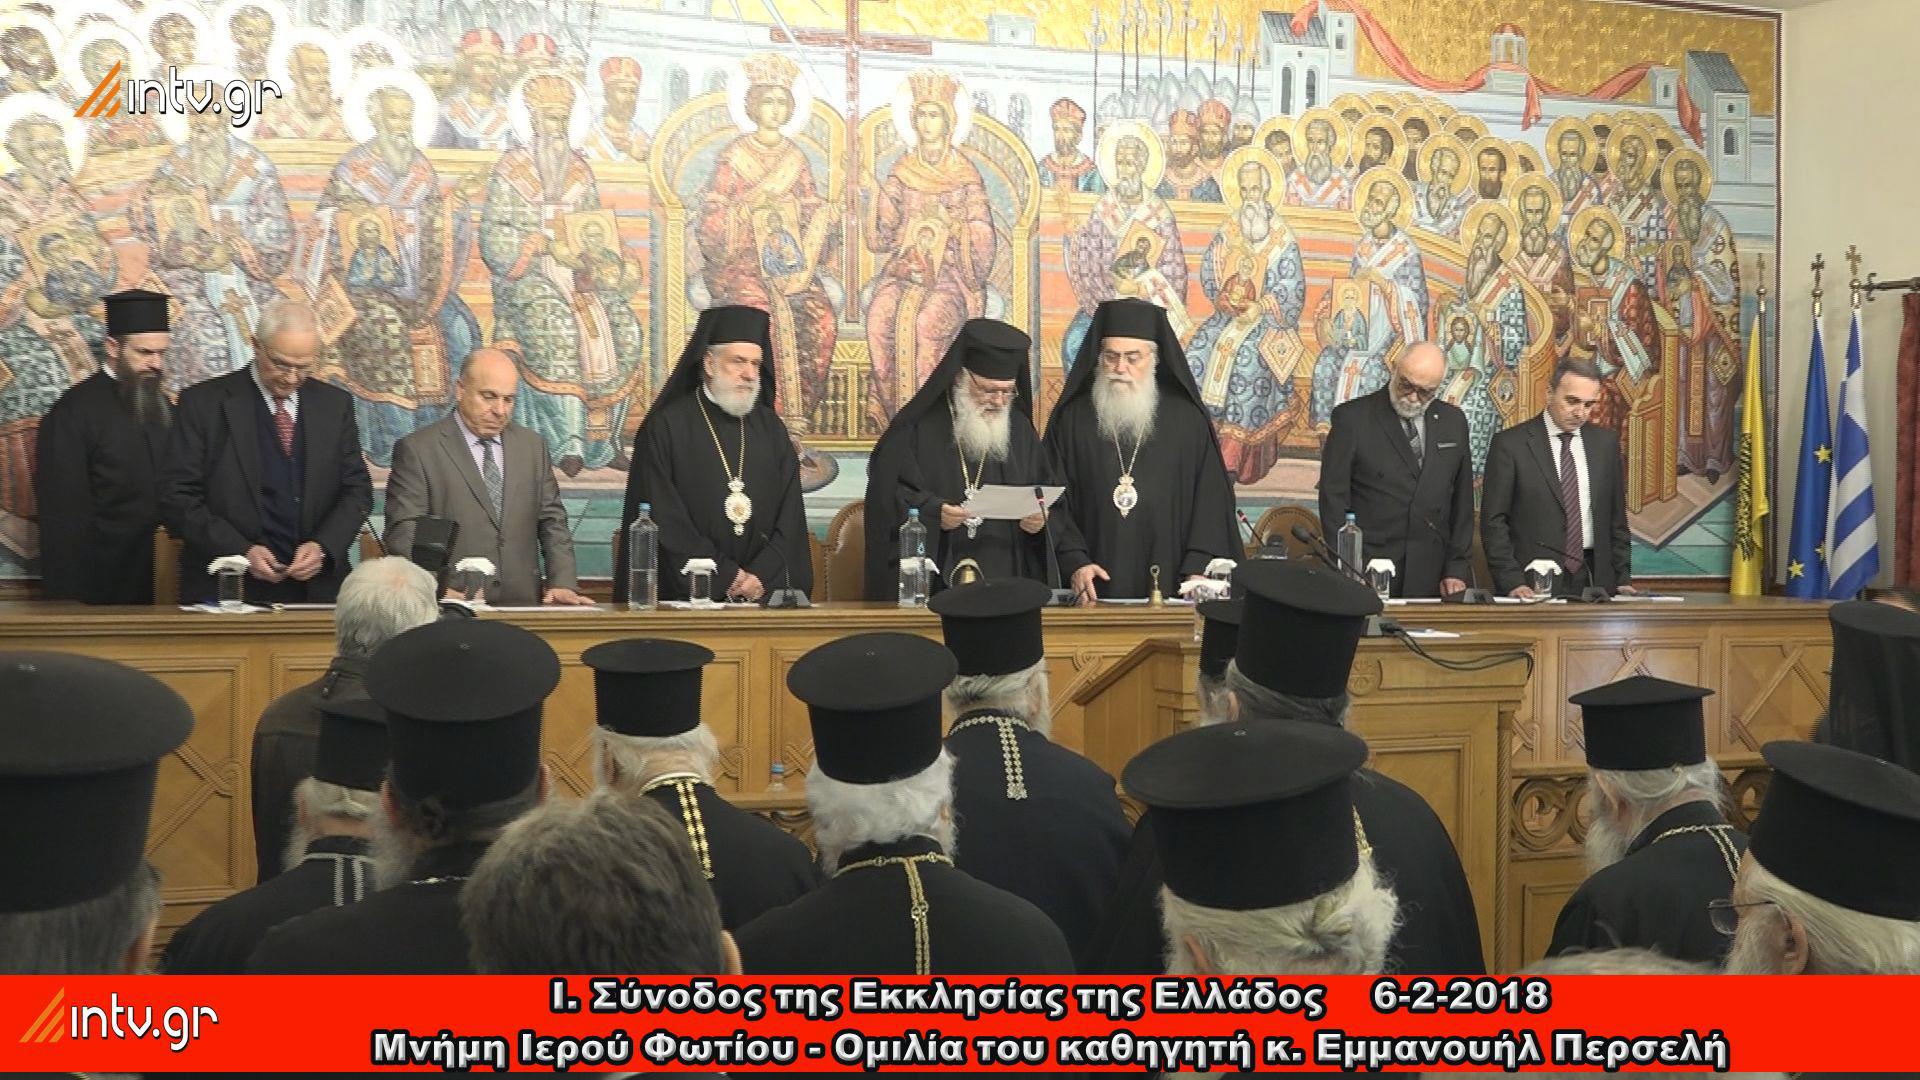 Ι. Σύνοδος της Εκκλησίας της Ελλάδος - Μνήμη Ιερού Φωτίου - Ομιλία του καθηγητή κ. Εμμανουήλ Περσελή